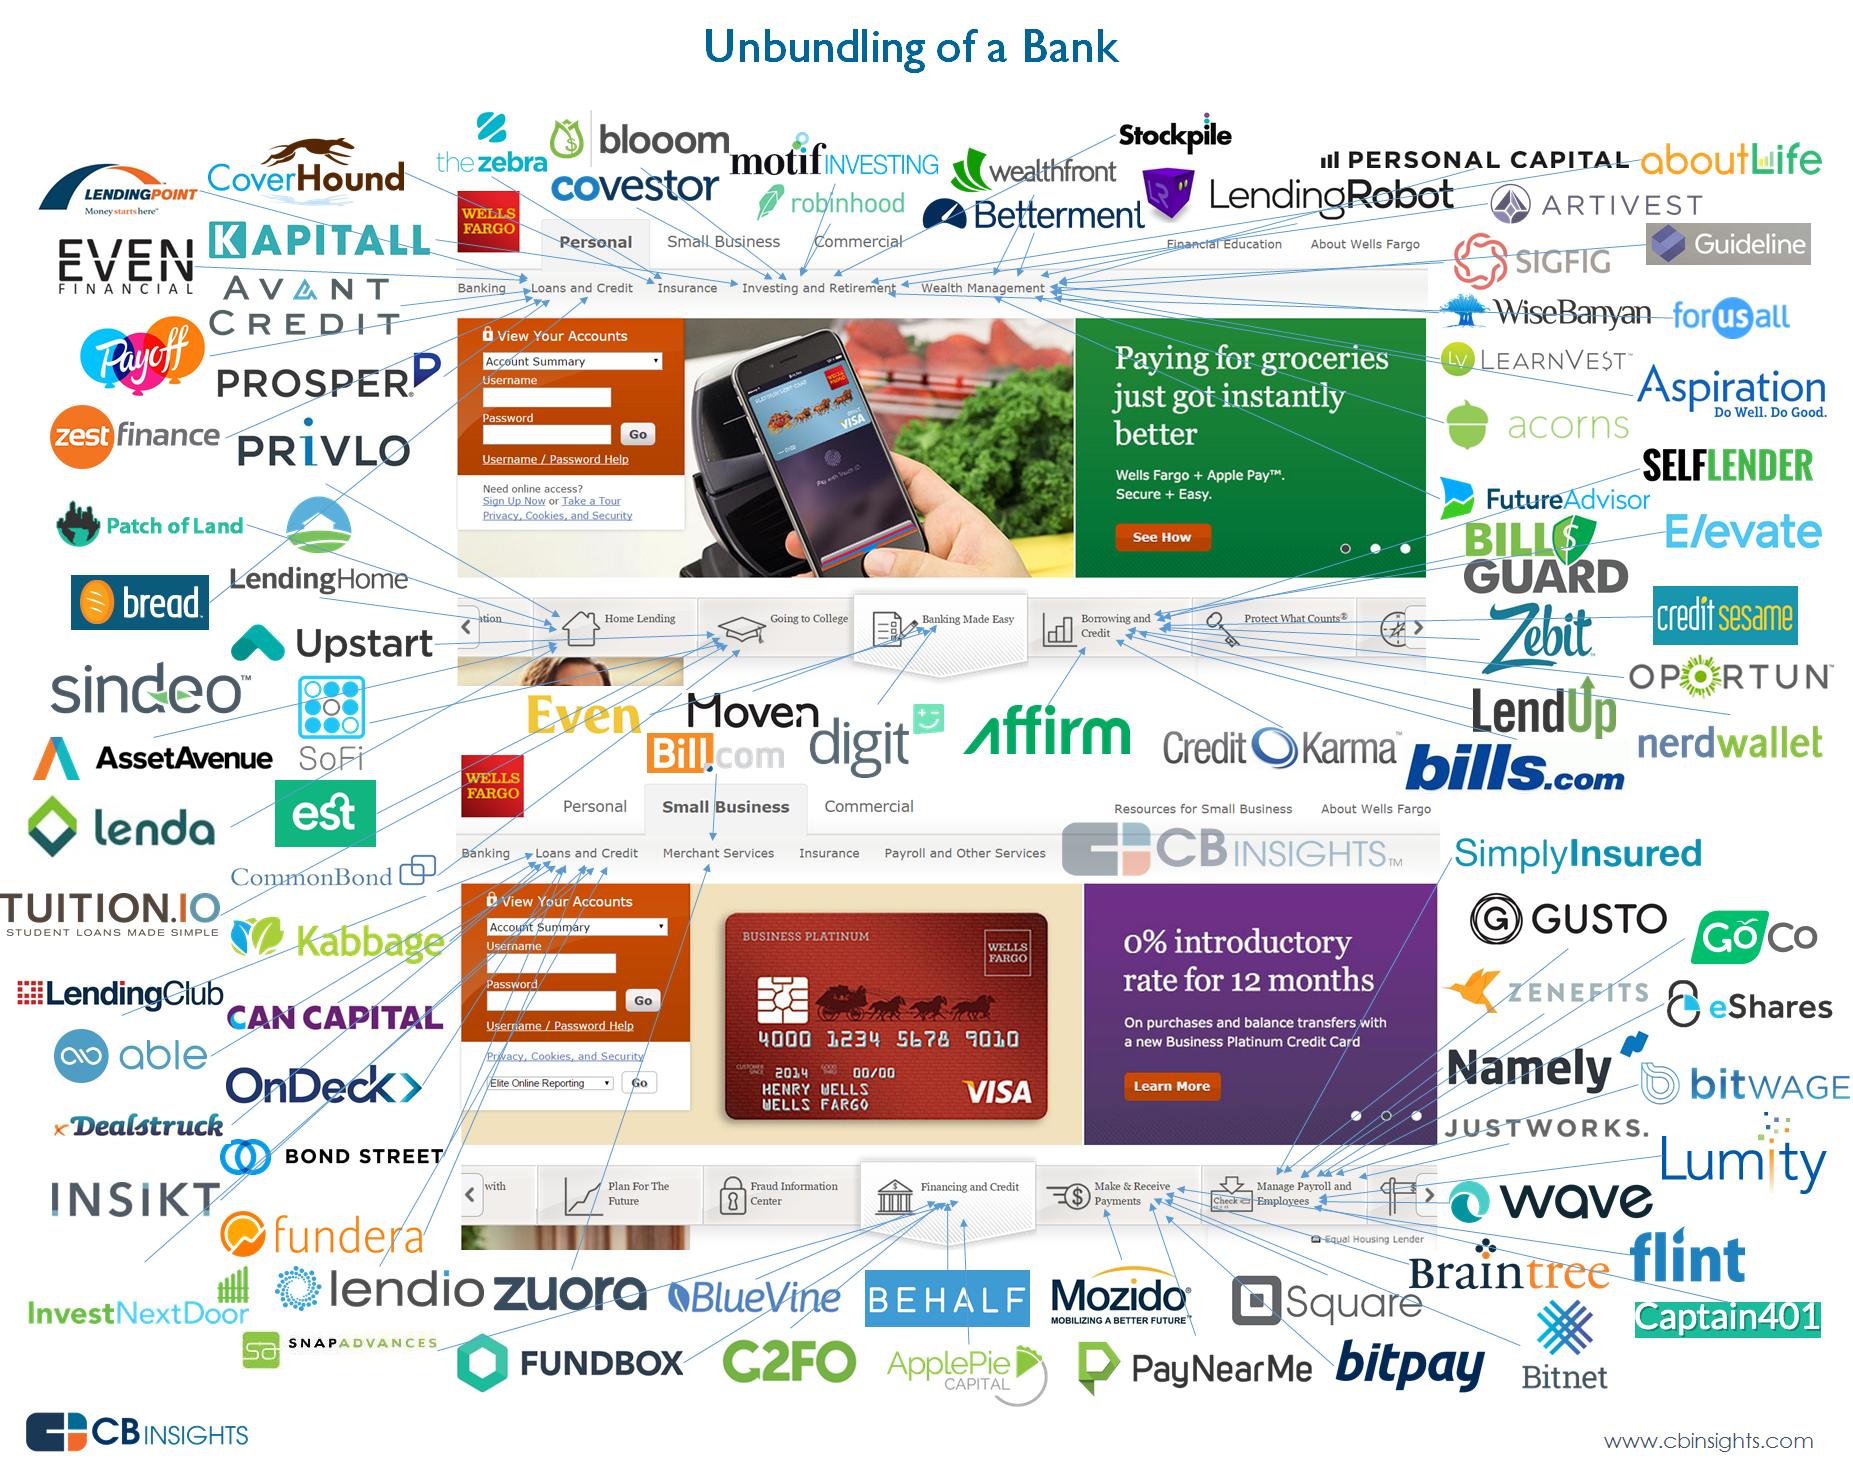 Unbundling banking image v2 | Digital Innovation | Bank of